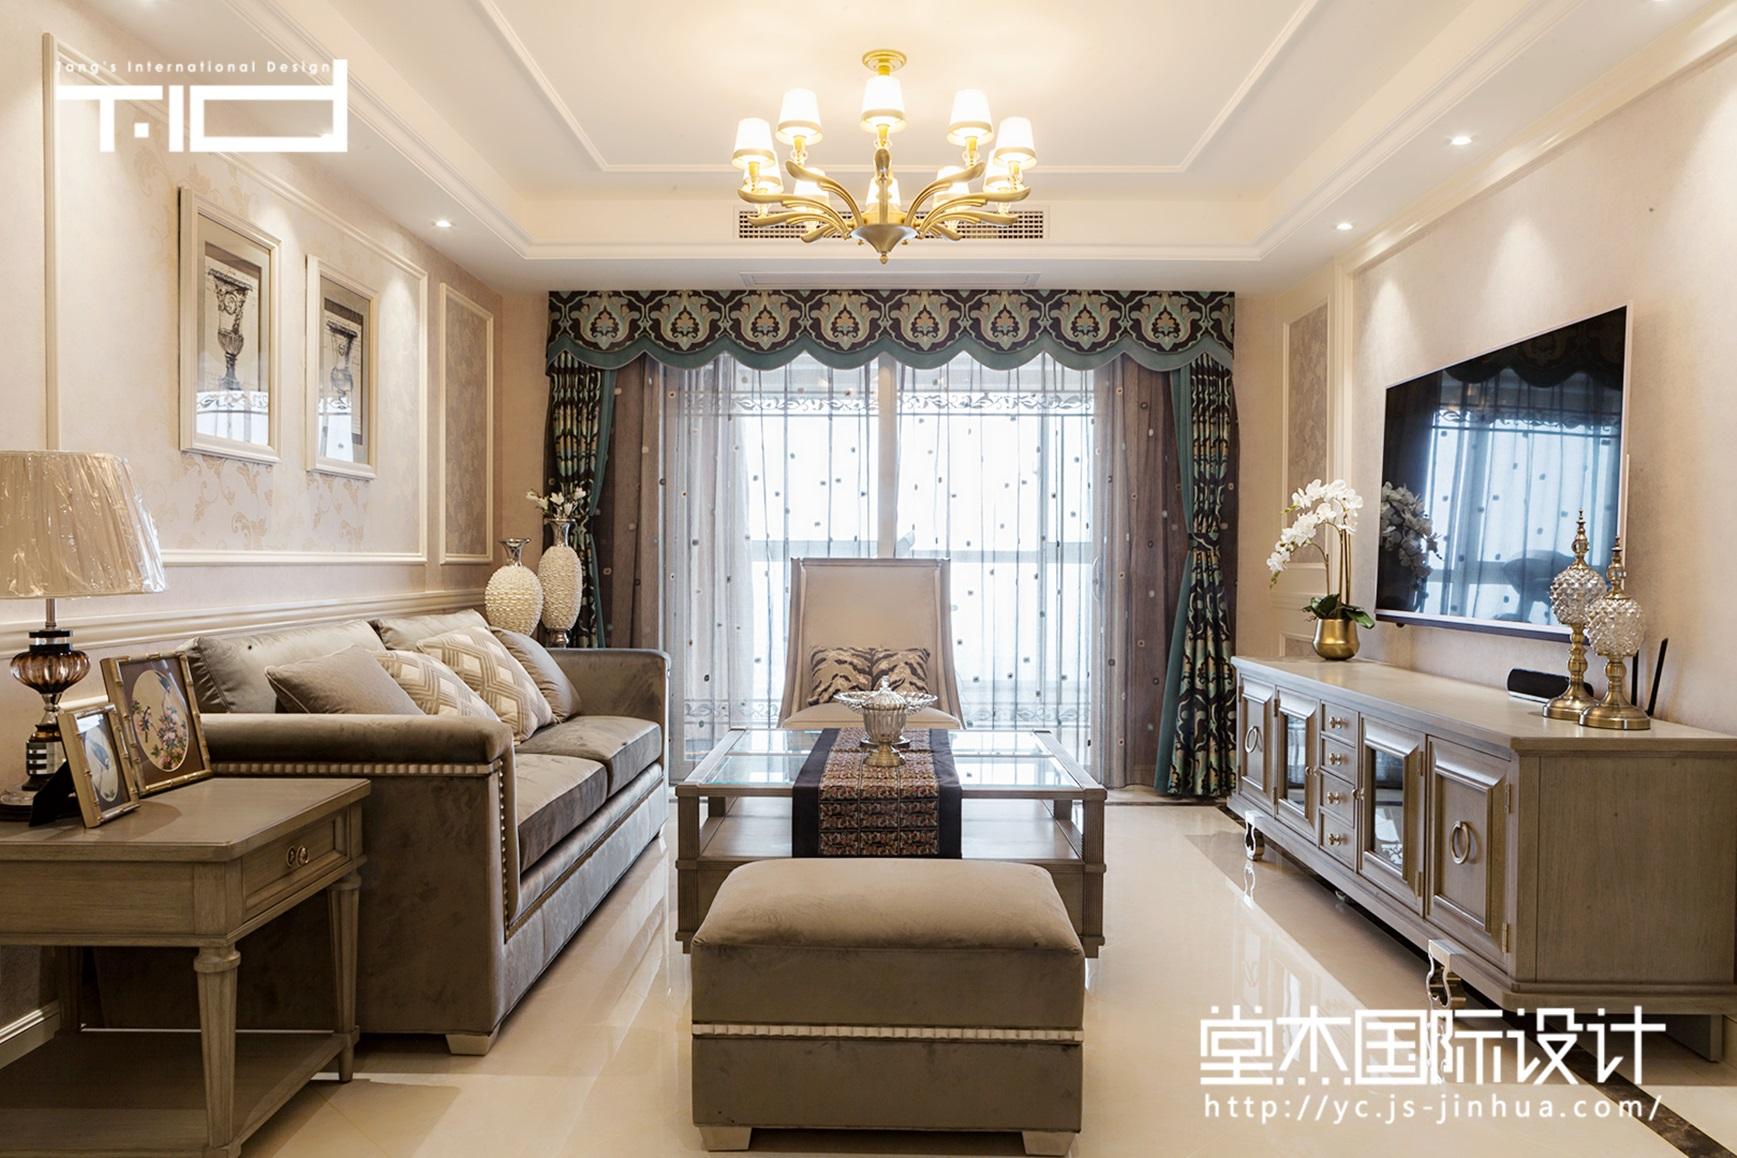 莫里印象-凤凰汇-美式-三室两厅-185㎡-装修实景效果图